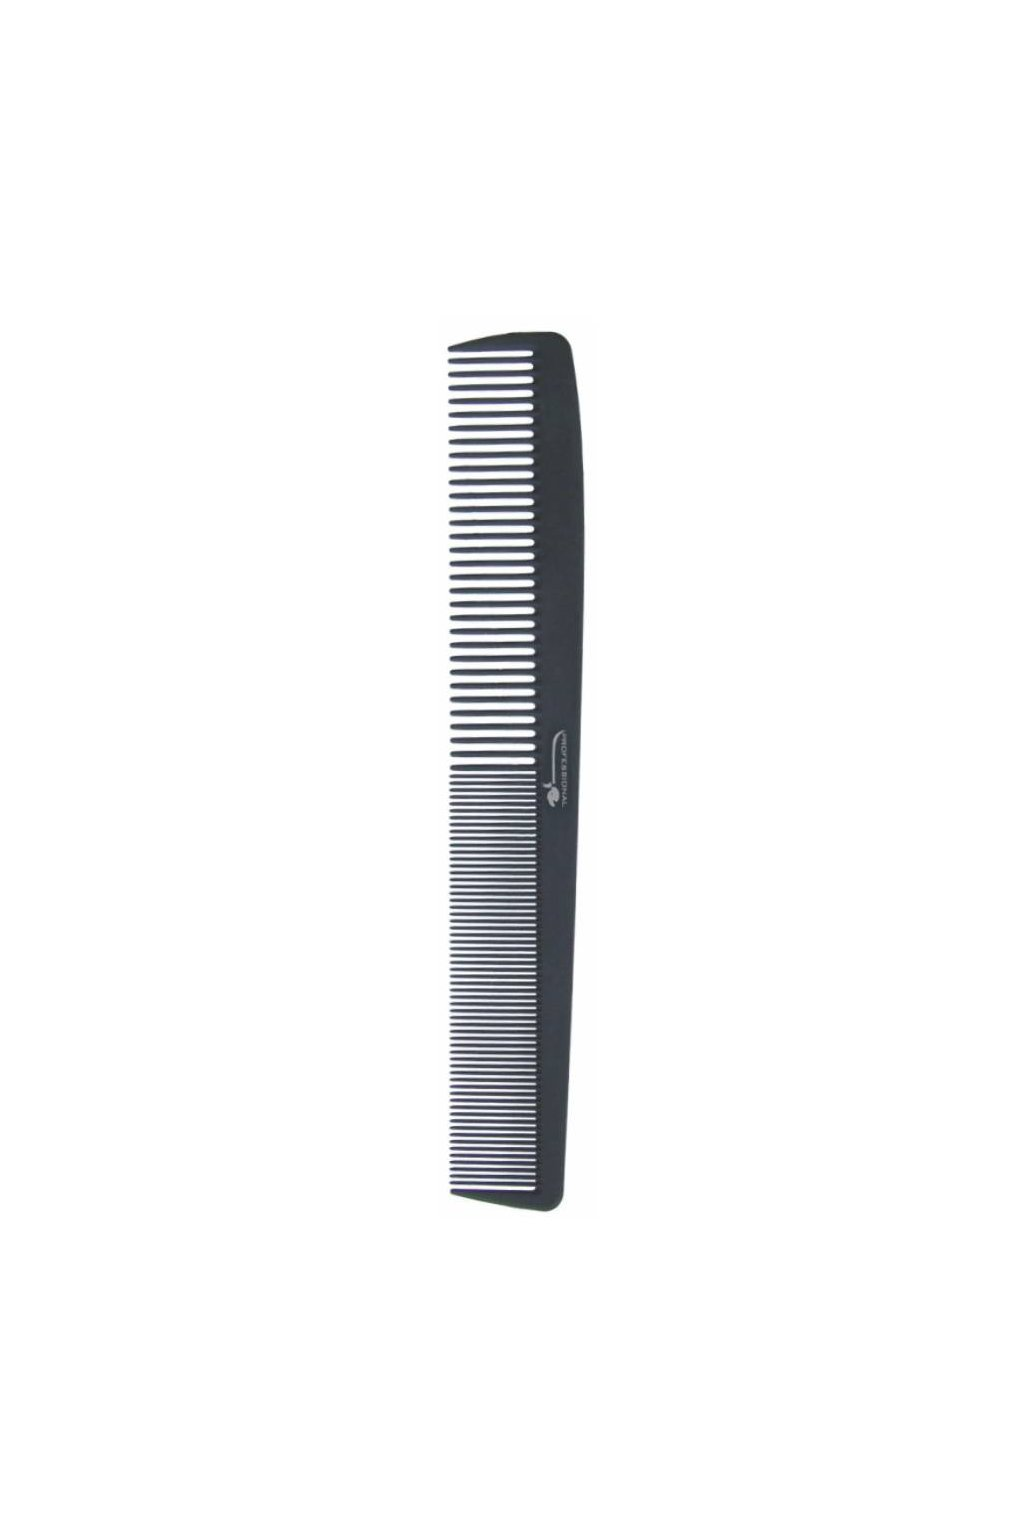 Hřeben DELRIN POM klasický, řídký/hustý 18cm